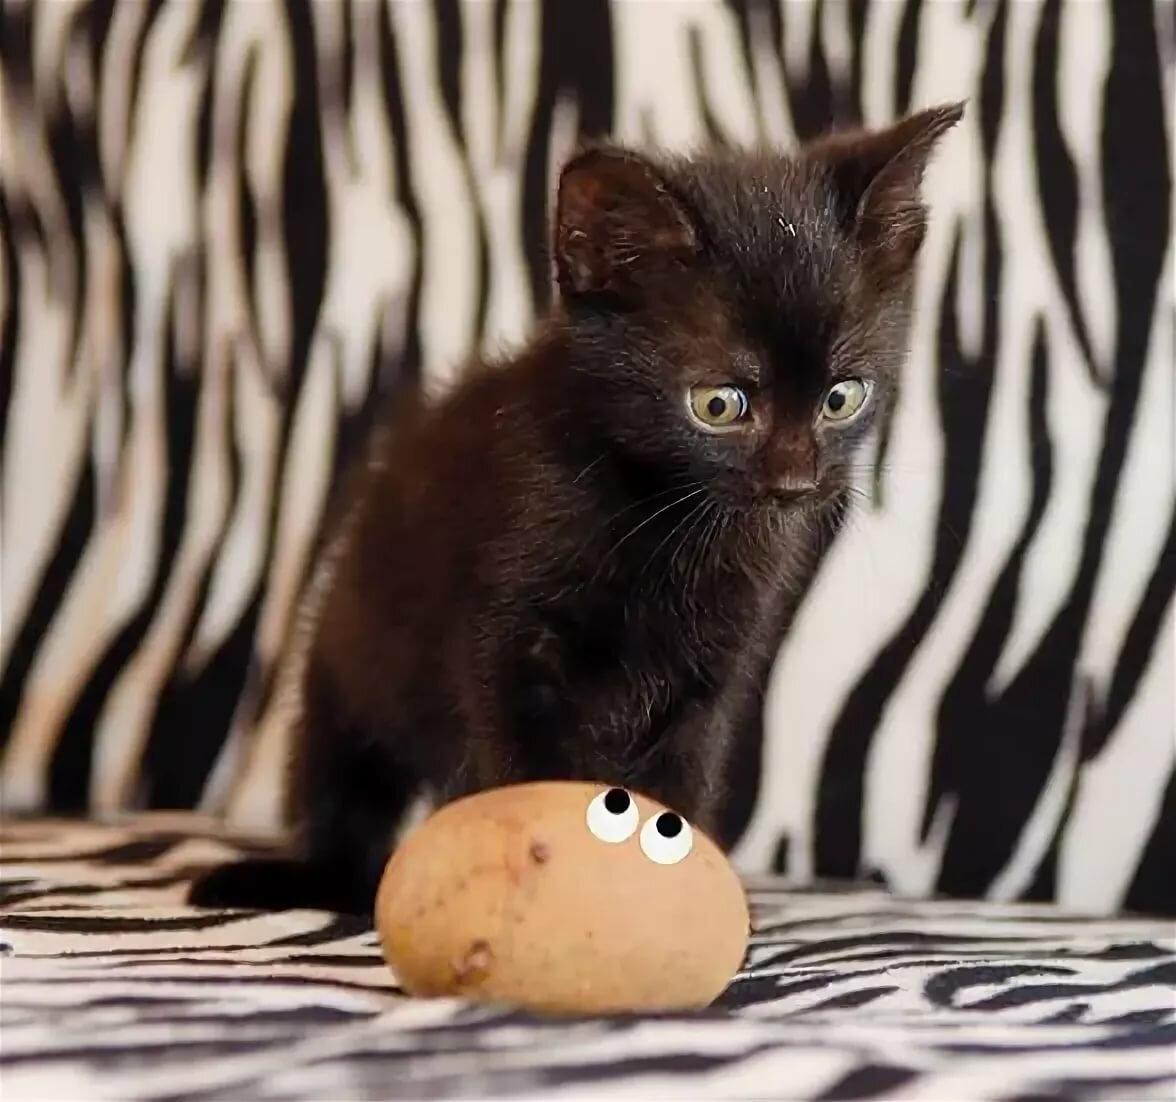 Прикольные картинки котиков с надписями, шуй